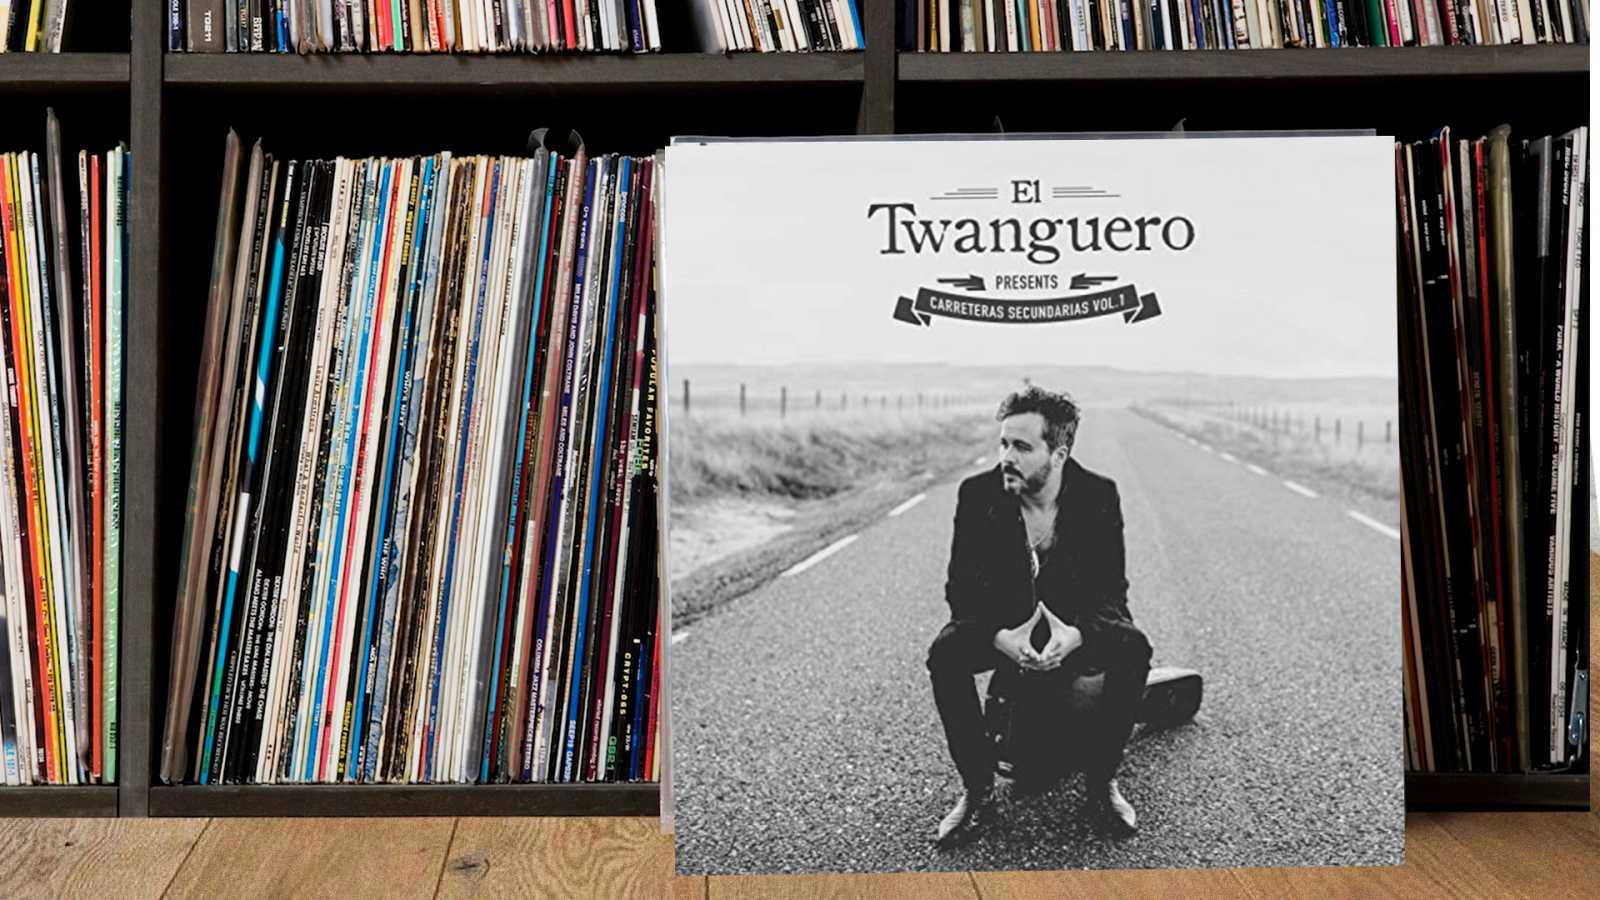 Doce Pulgadas - El Twanguero: Carreteras Secundarias, Vol. 1 - Escuchar ahora